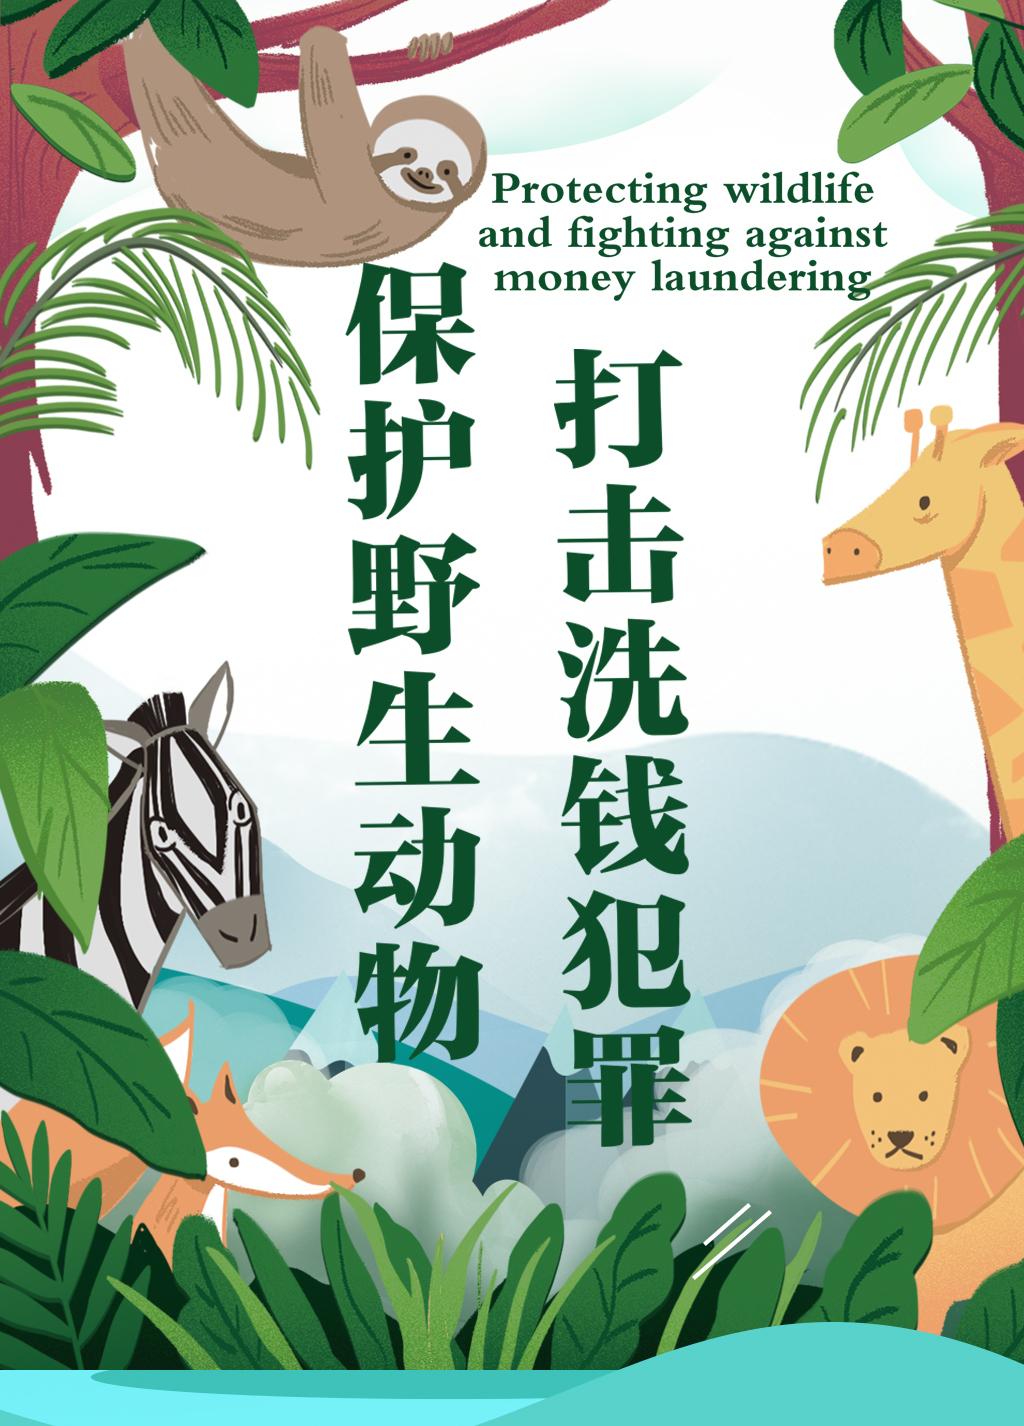 反洗钱小课堂⑥:保护野生动物,打击洗钱犯罪